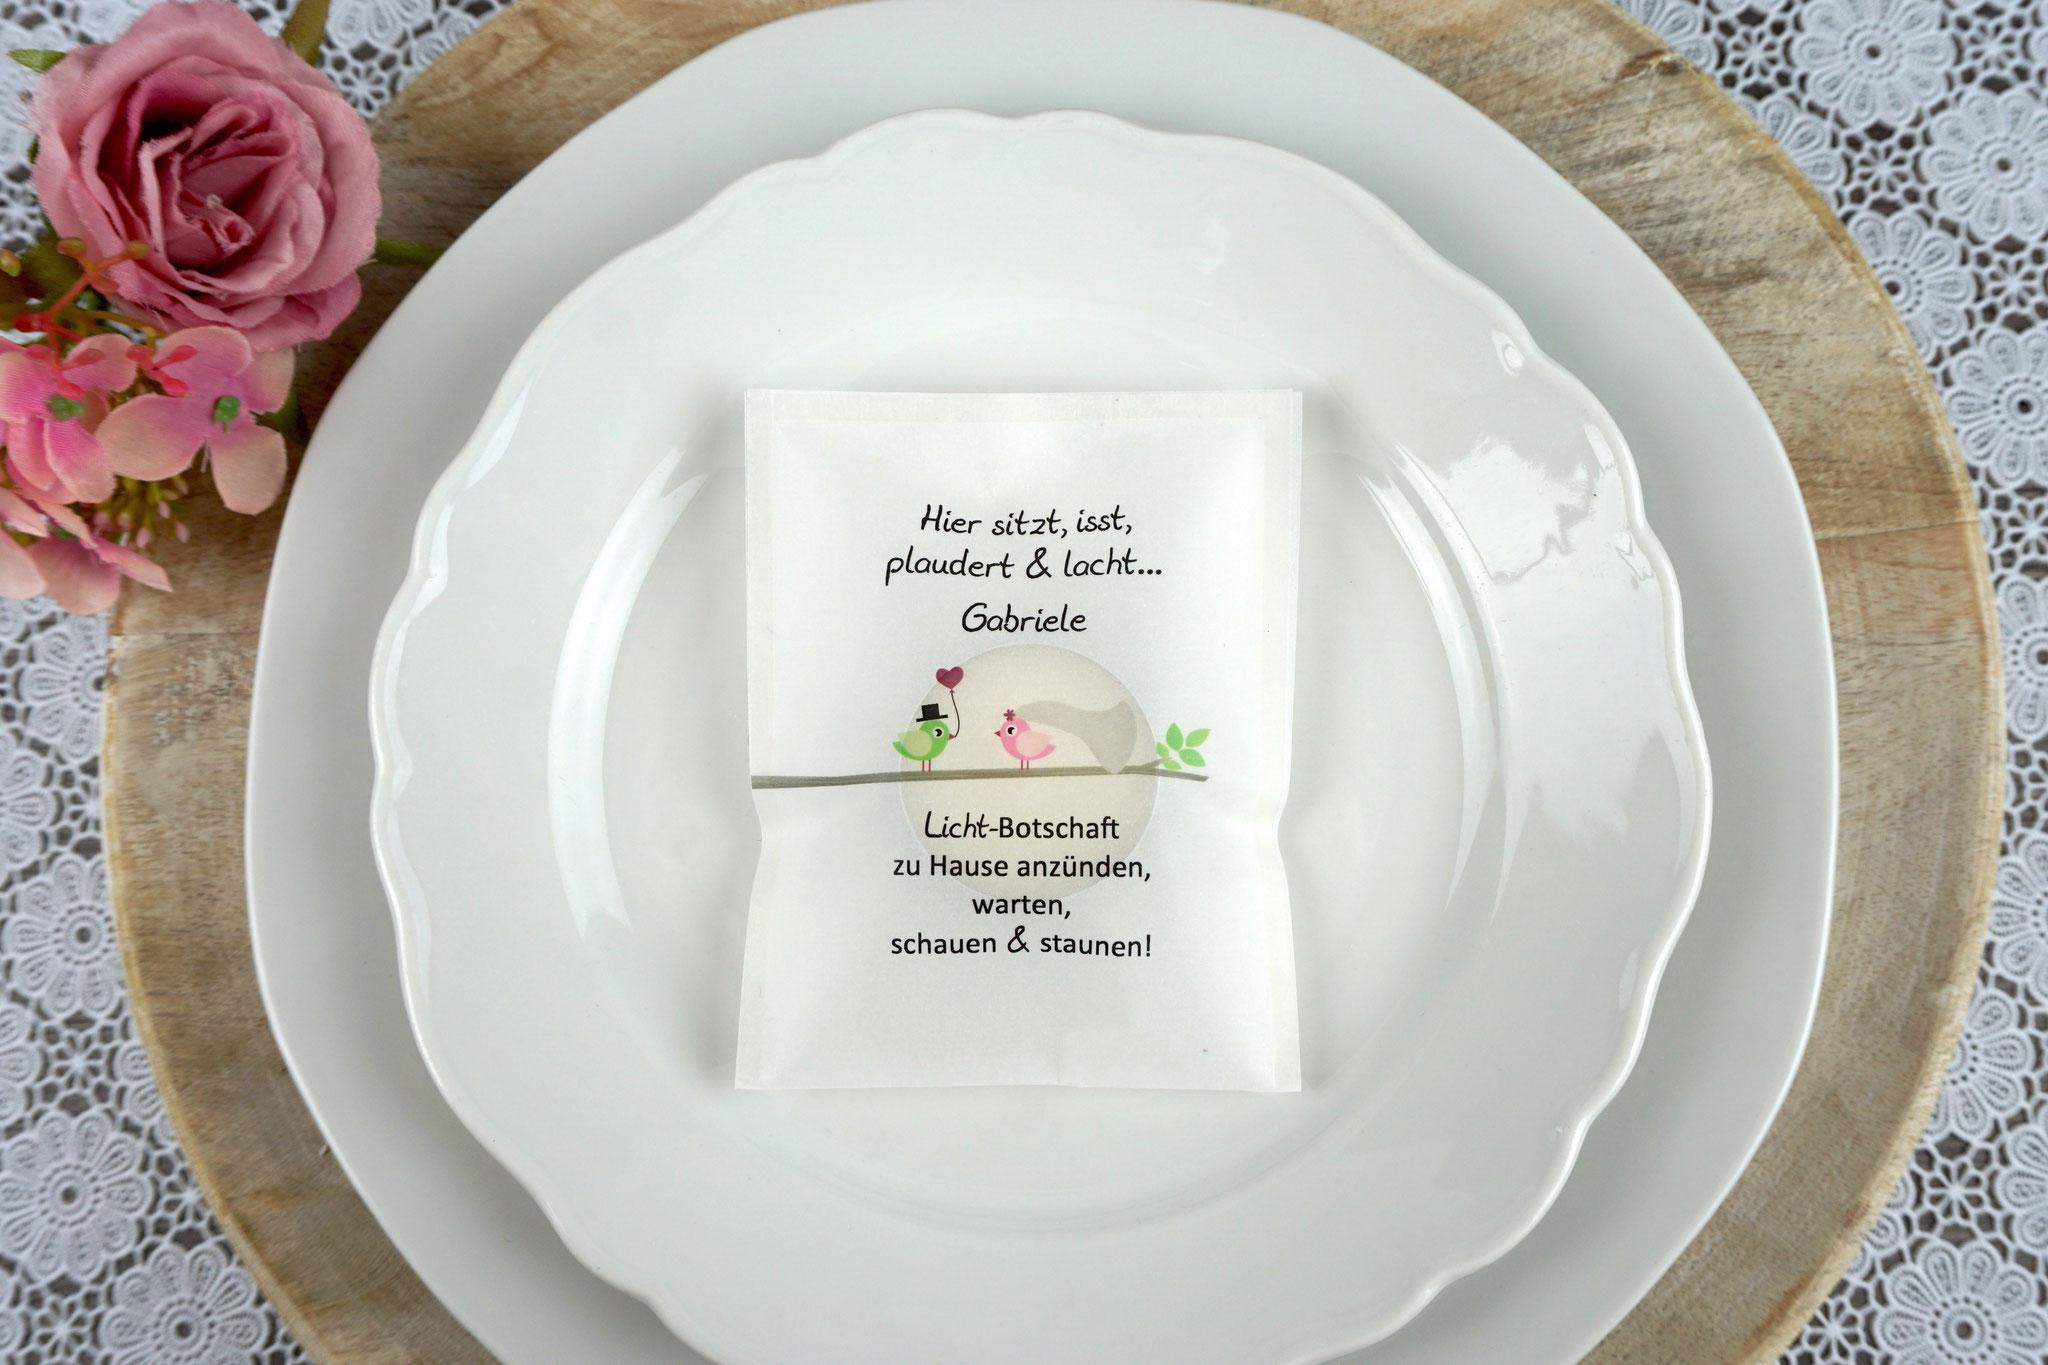 """Licht-Botschaft Design """"Hochzeitsvögel auf Ast"""", Farbe Grün/Rosa, """"Verpackung als Platzkarte"""""""